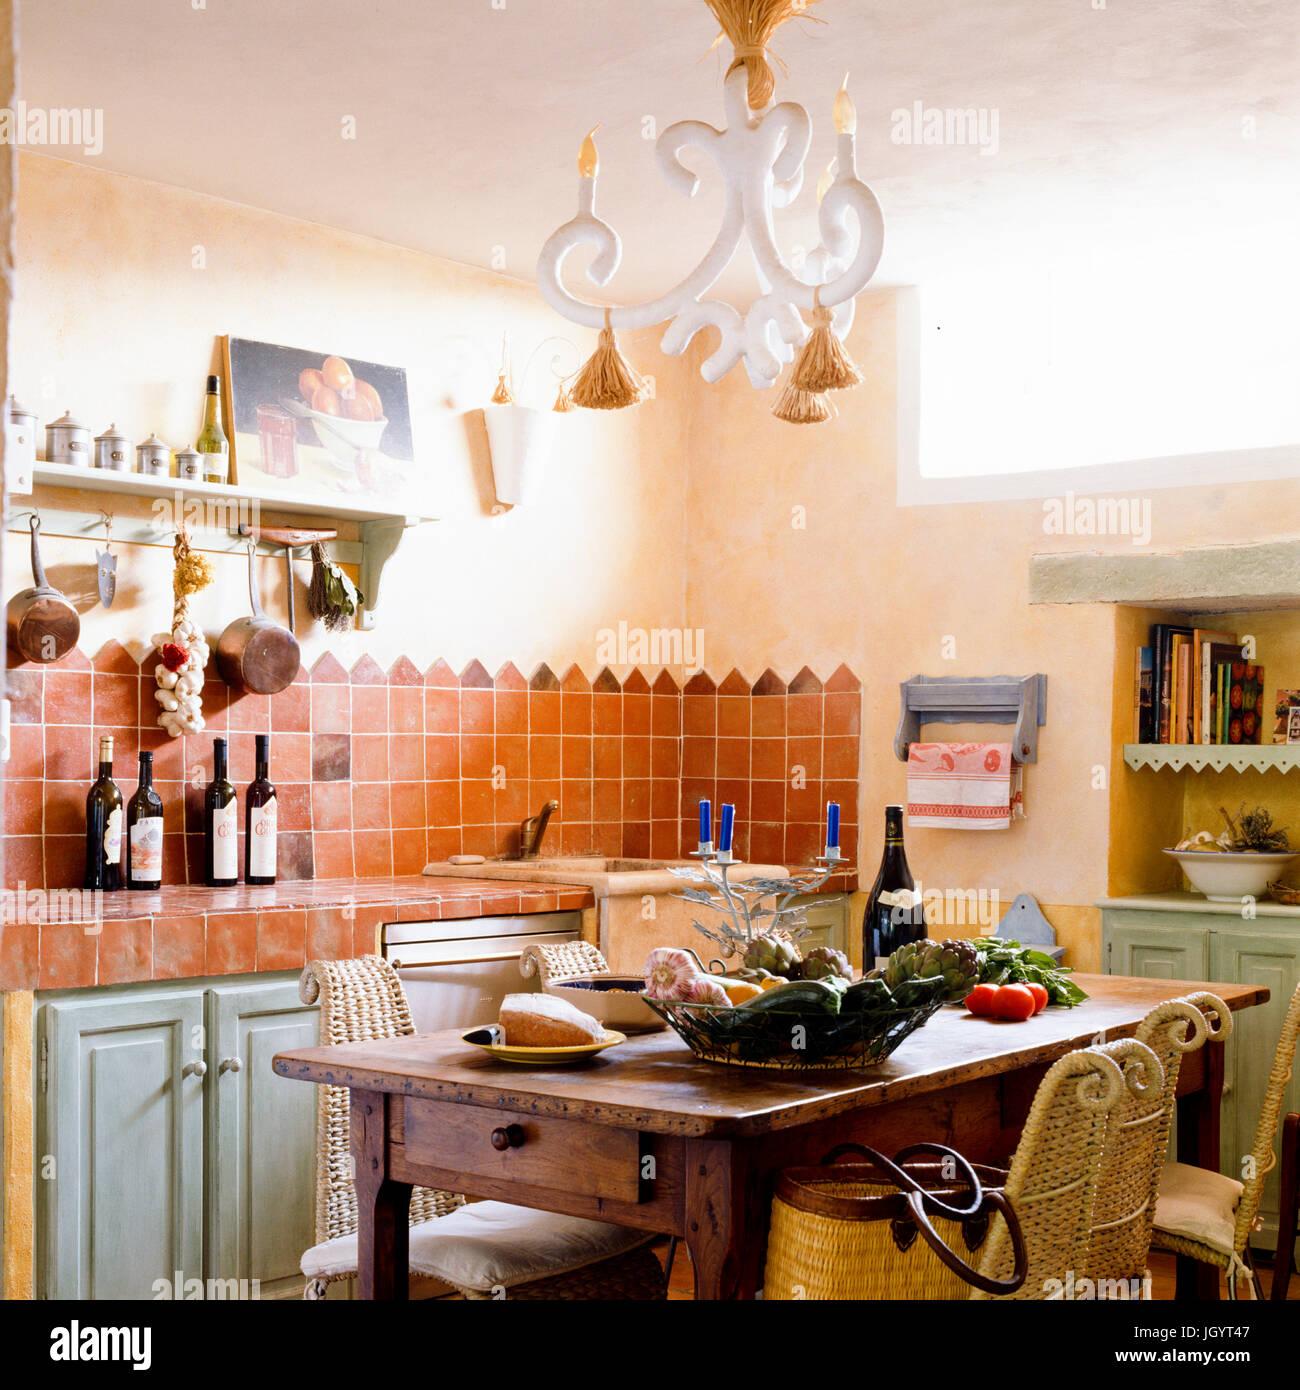 Mediterrane Küche und Esszimmer Stockfoto, Bild: 148129079 - Alamy